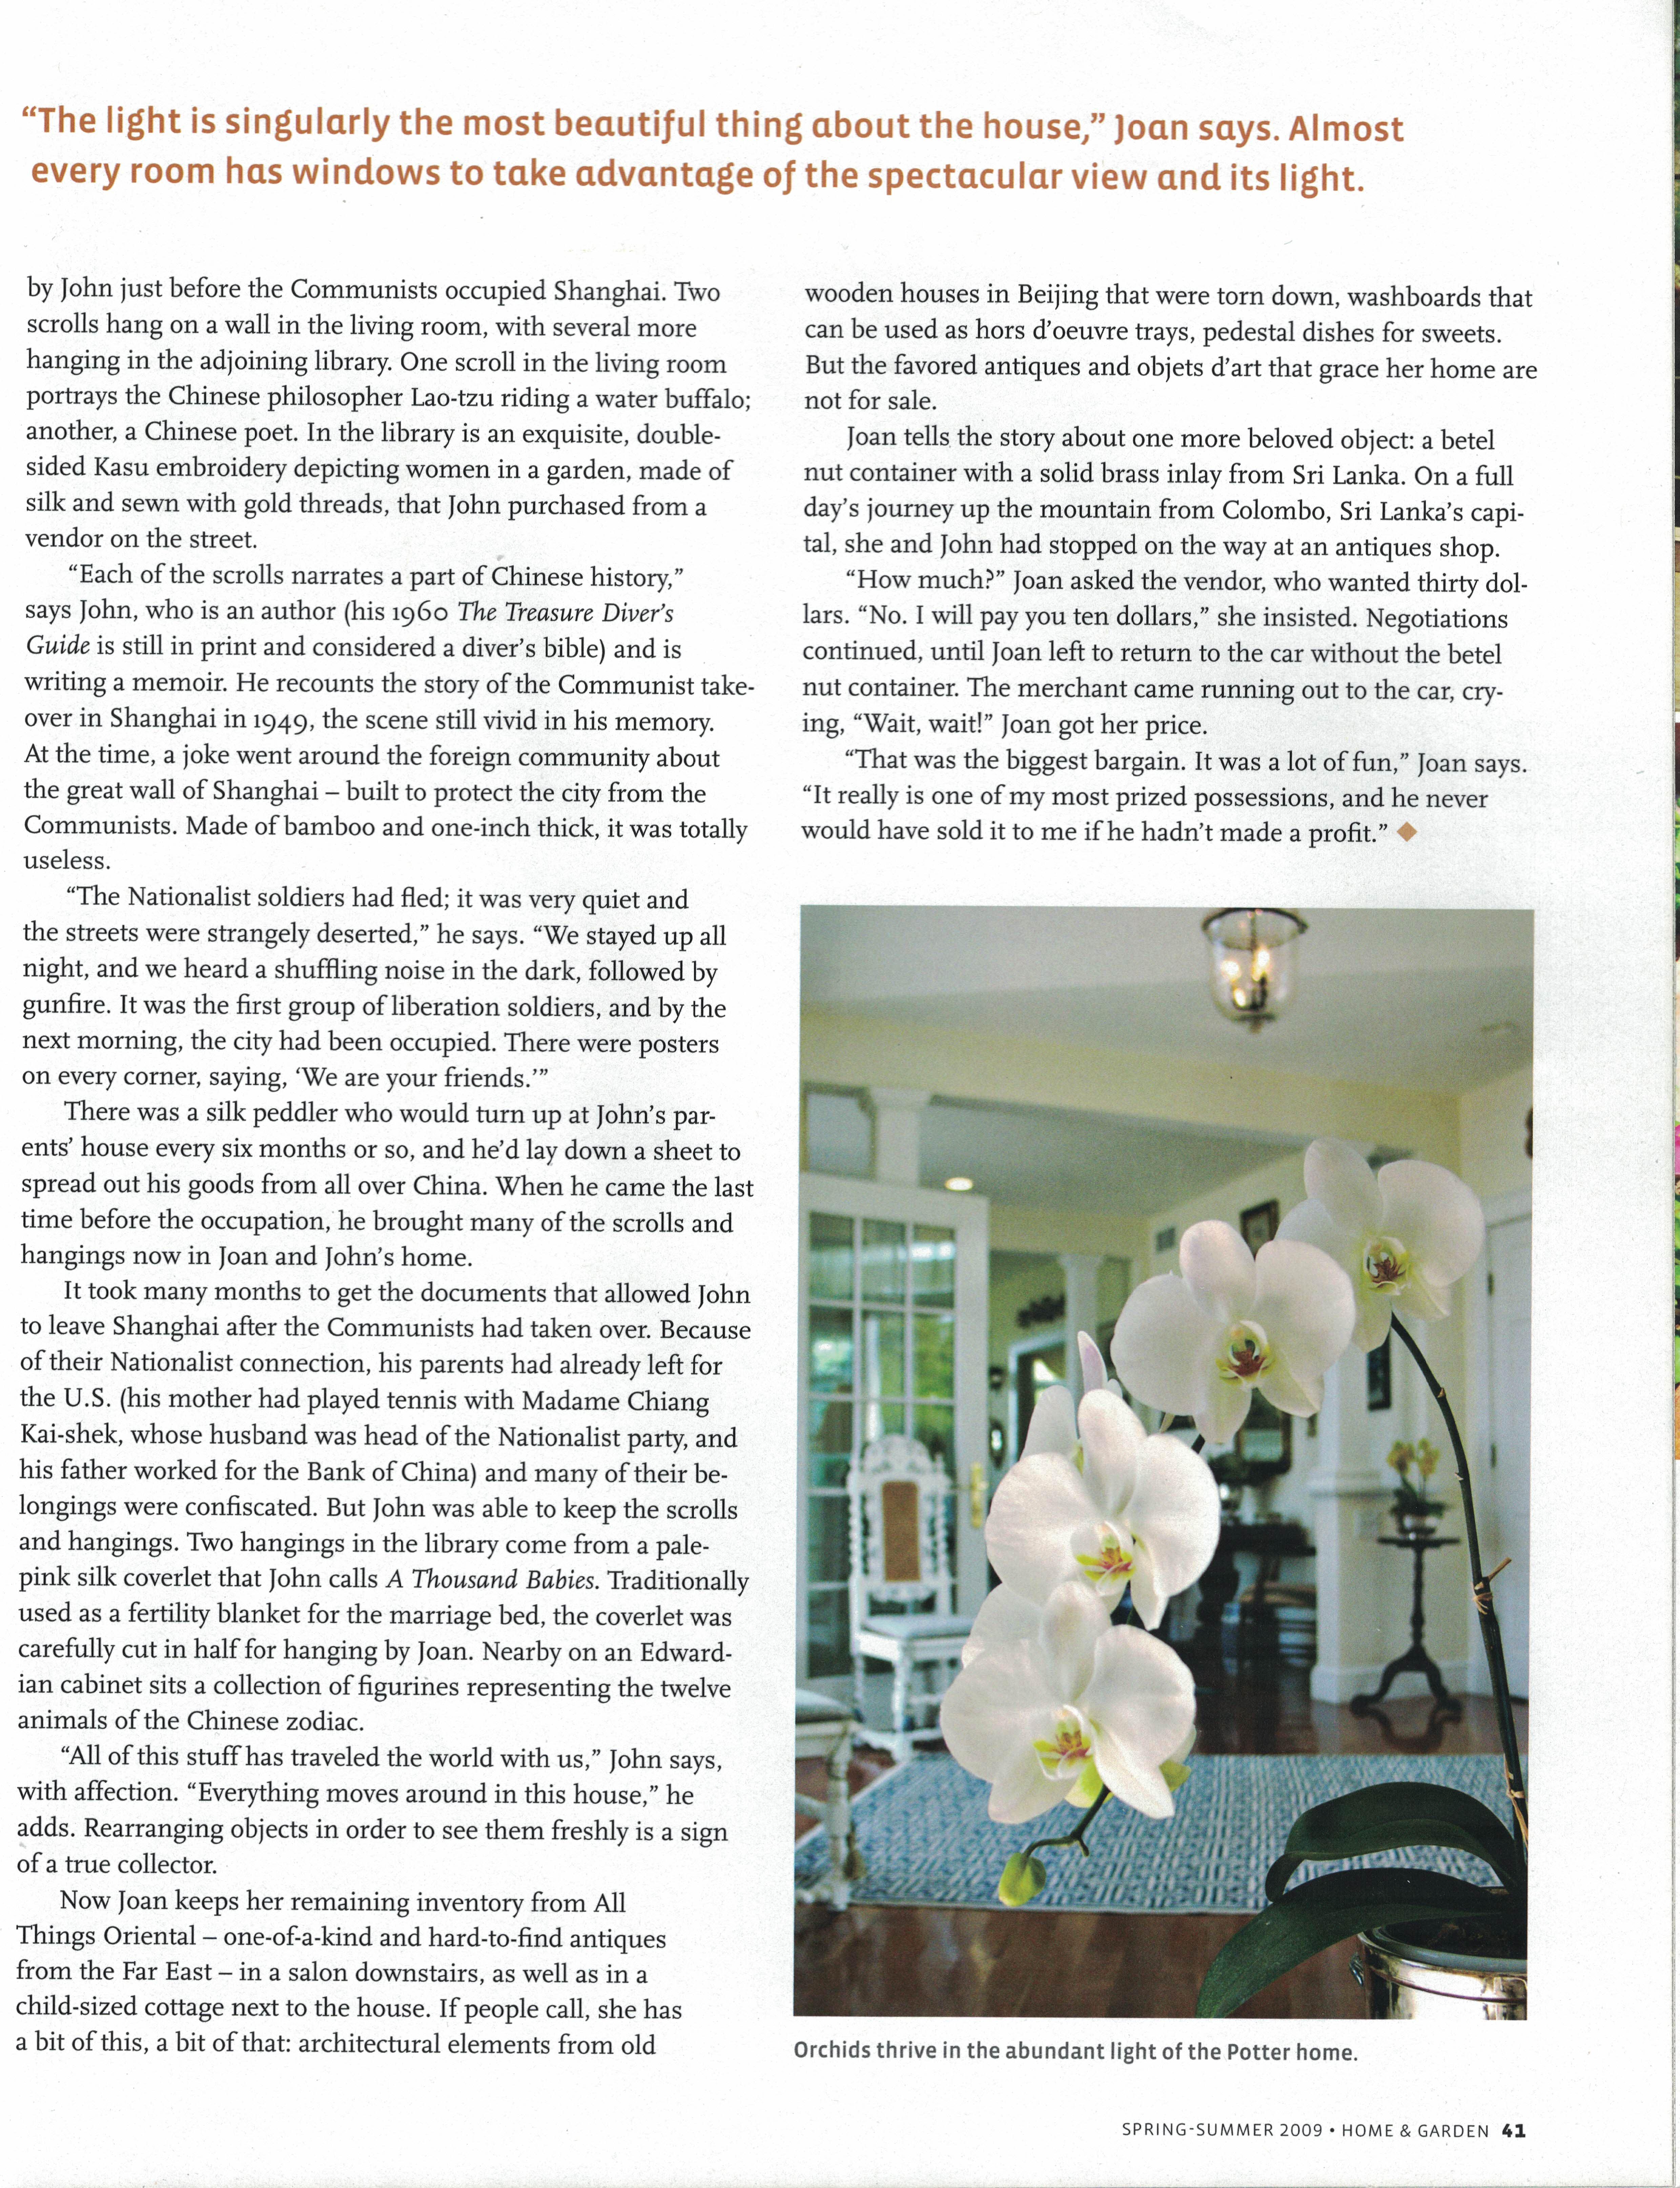 Marthas Vineyard Magazine Home & Garden Spring-Summer 2009 {Page 41}